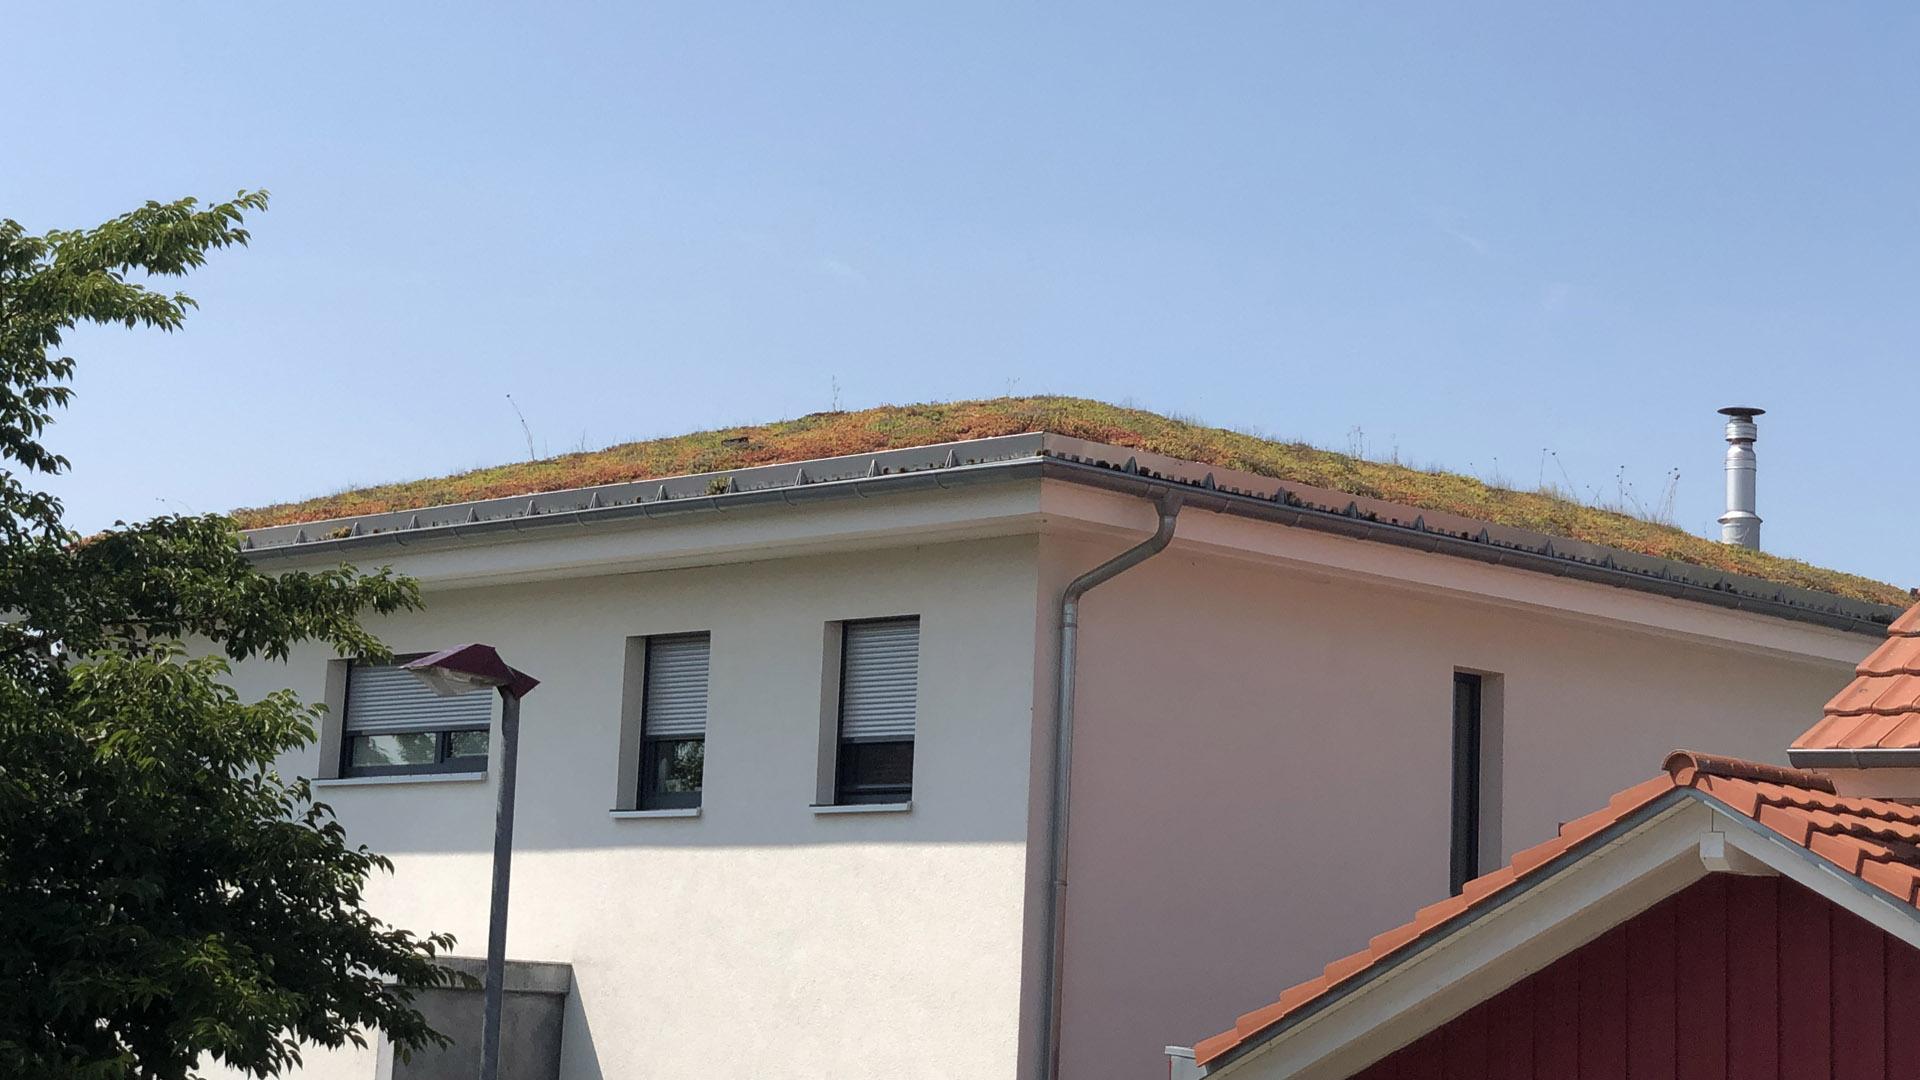 Holzbau-ott-guendlingen-dachbegruenung1